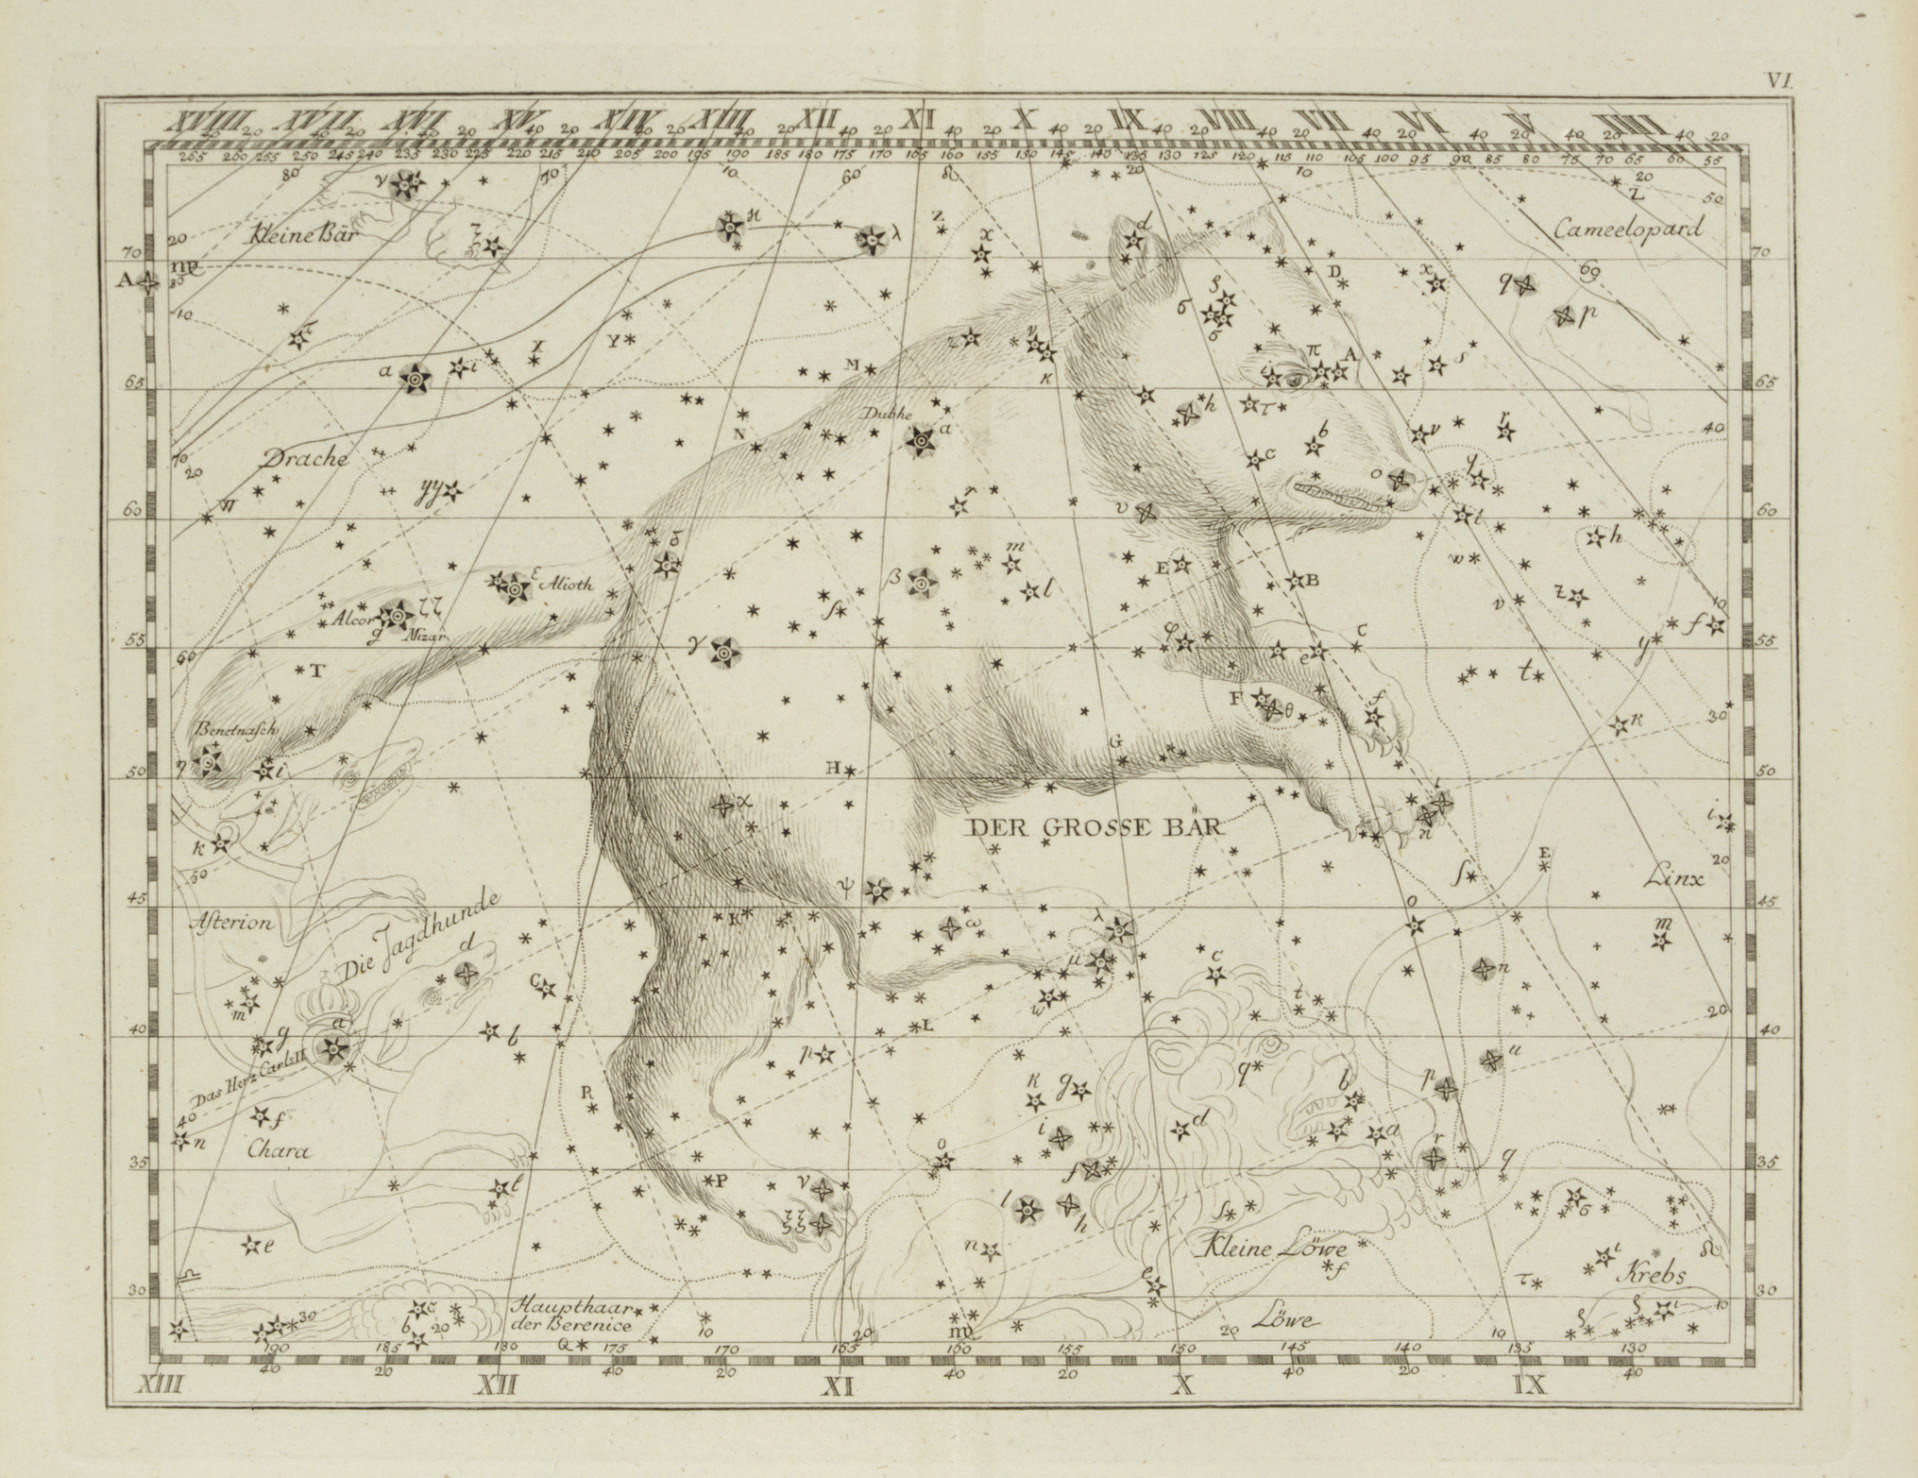 BODE, Johann Elert (1747-1826)